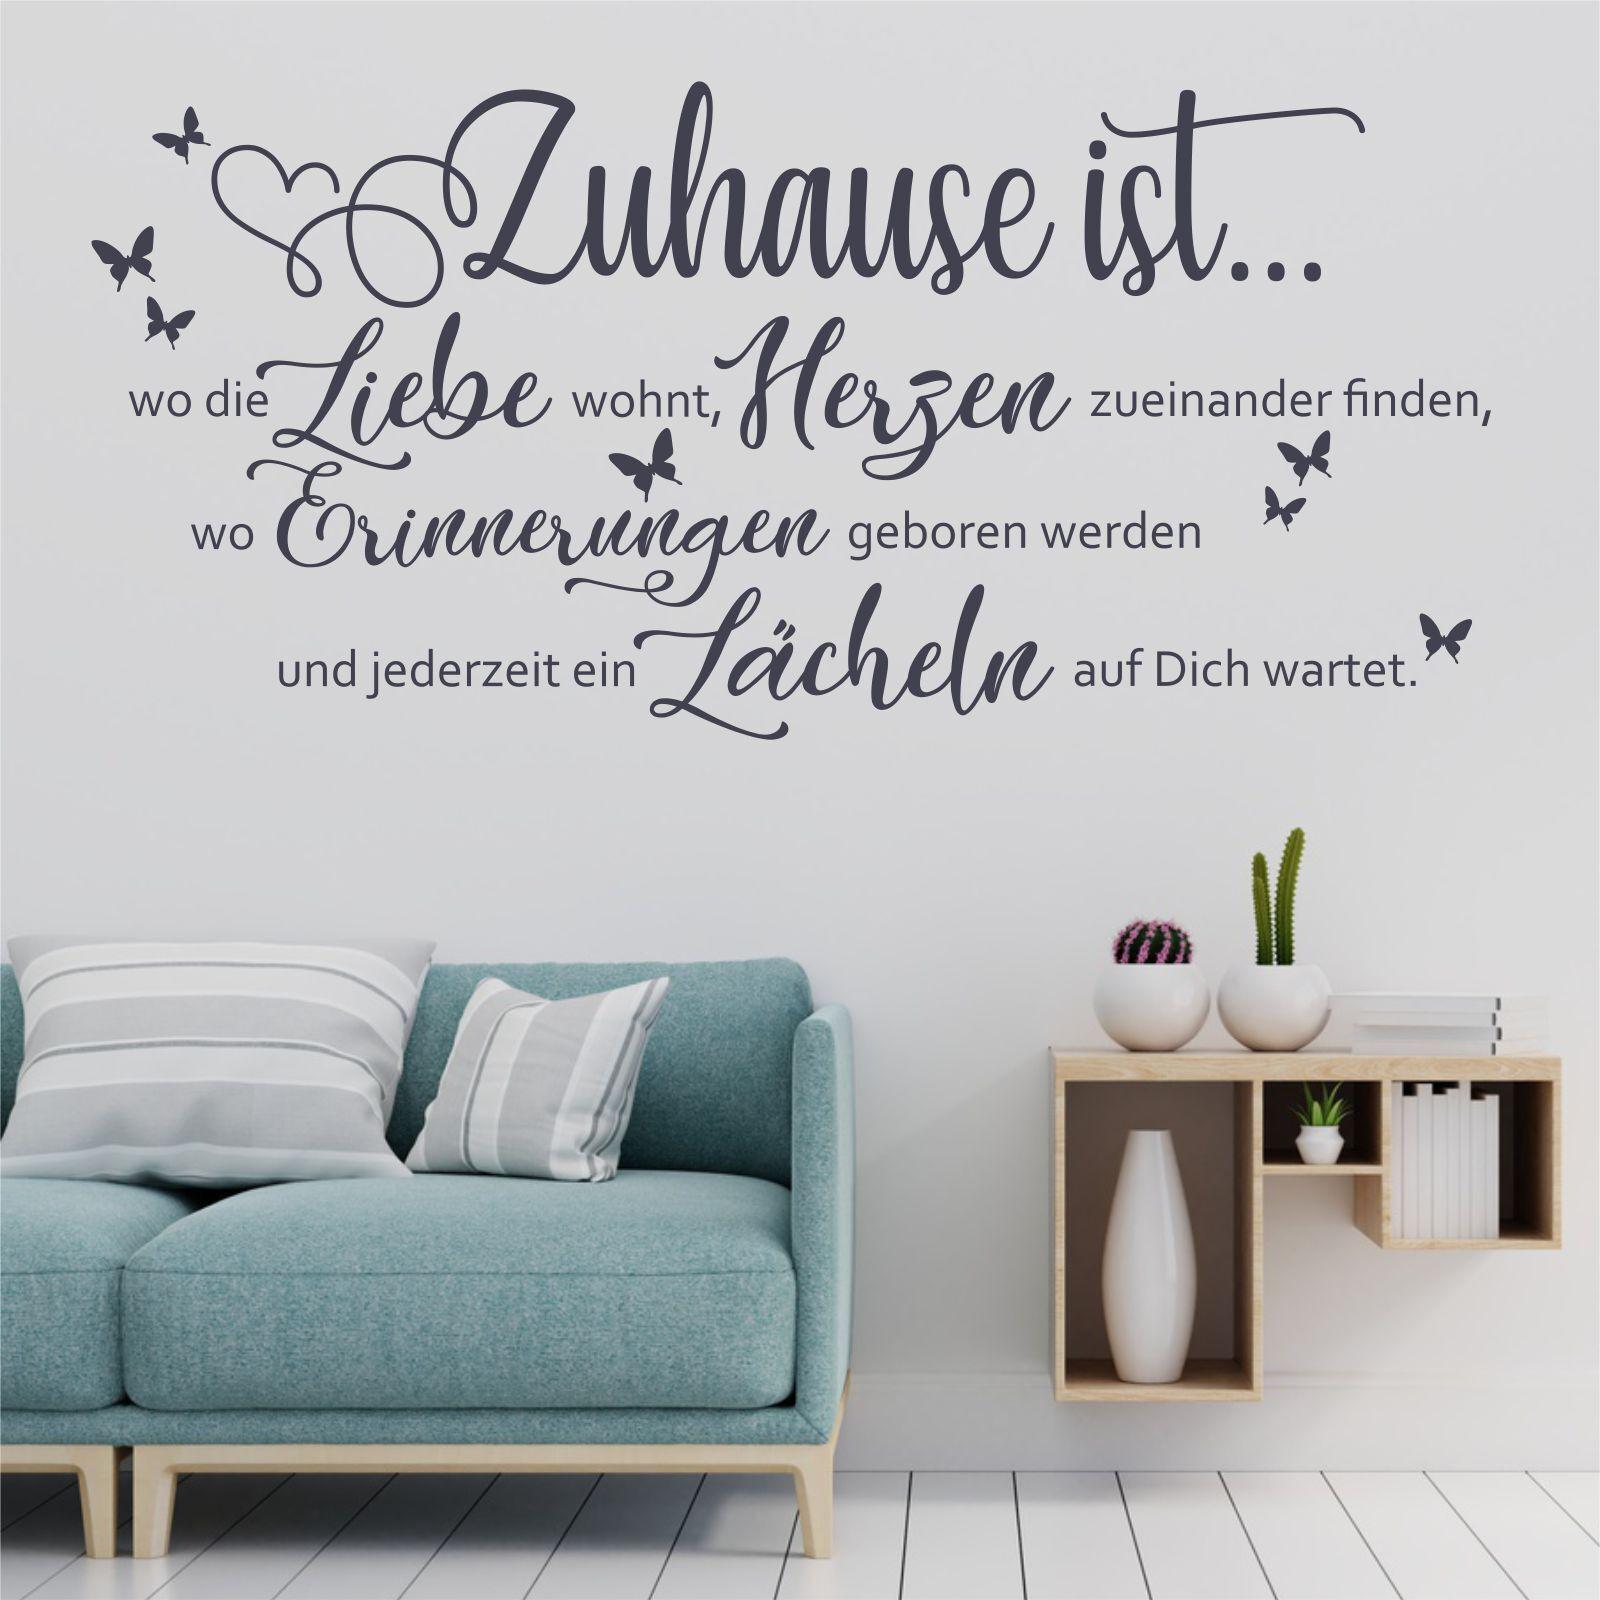 Wandtattoo Schlafzimmer Kaufen | Ikea Küche Hinterlüftung